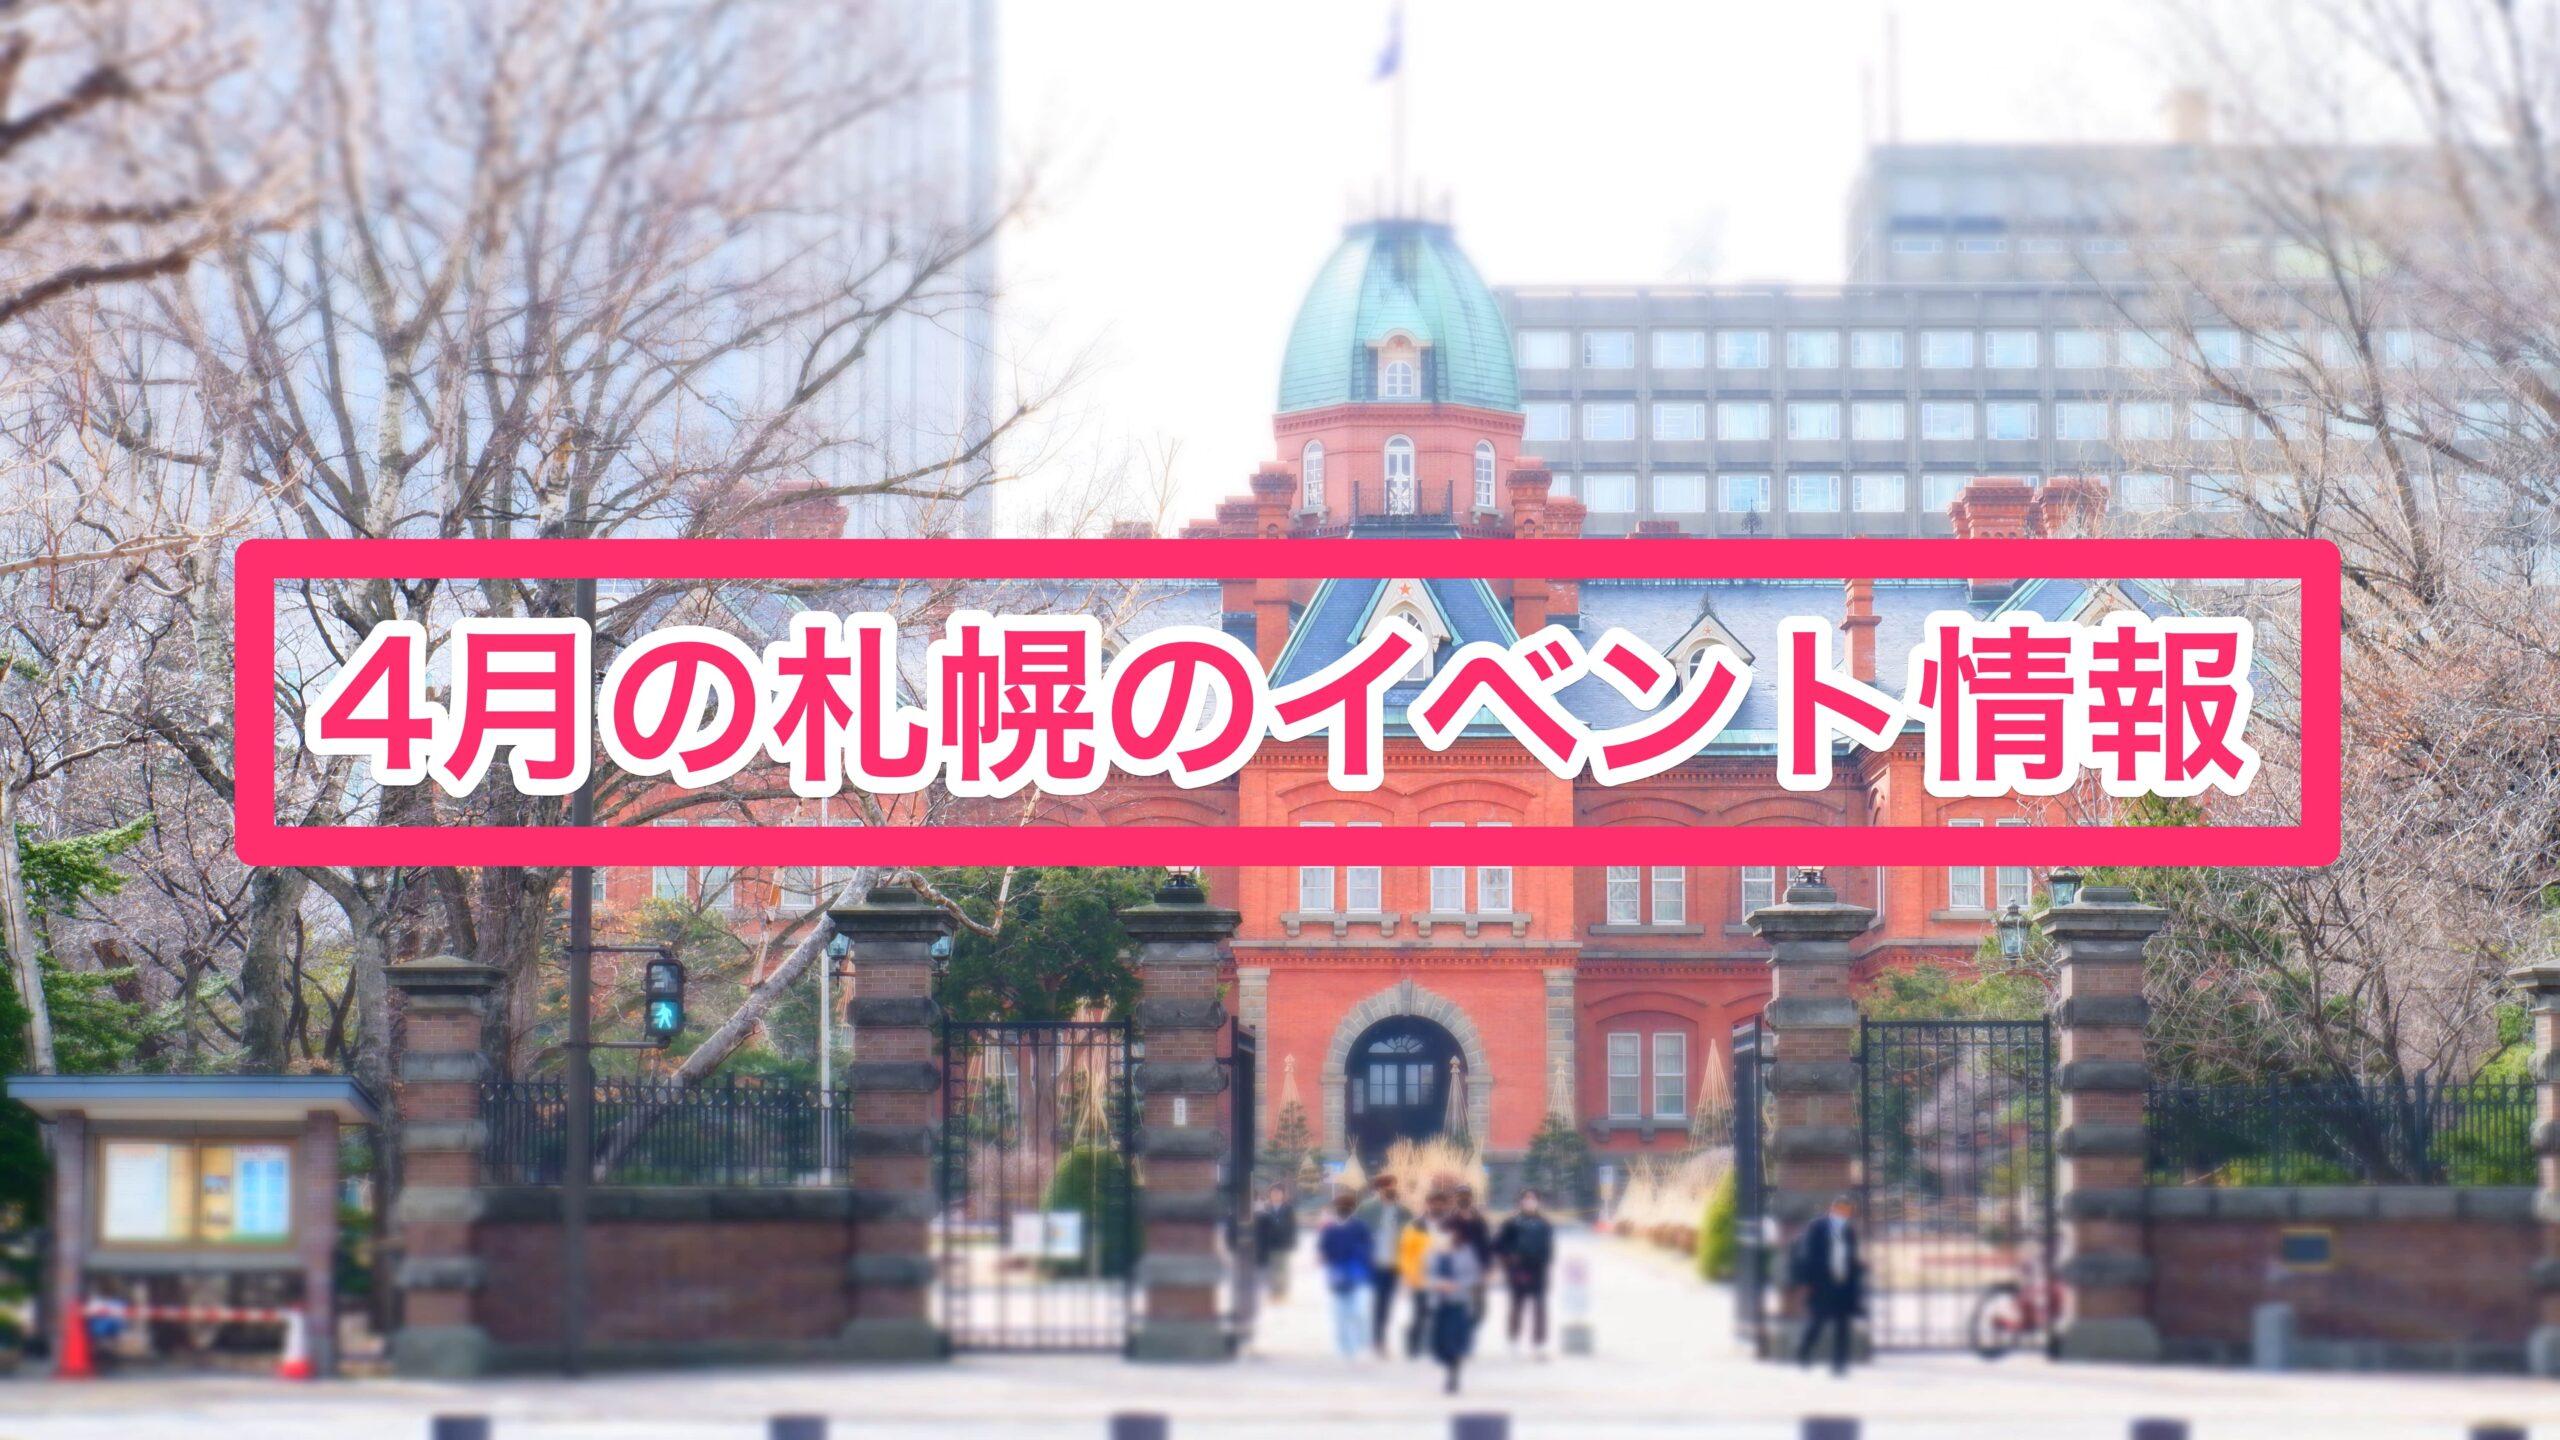 4月の札幌のイベント情報